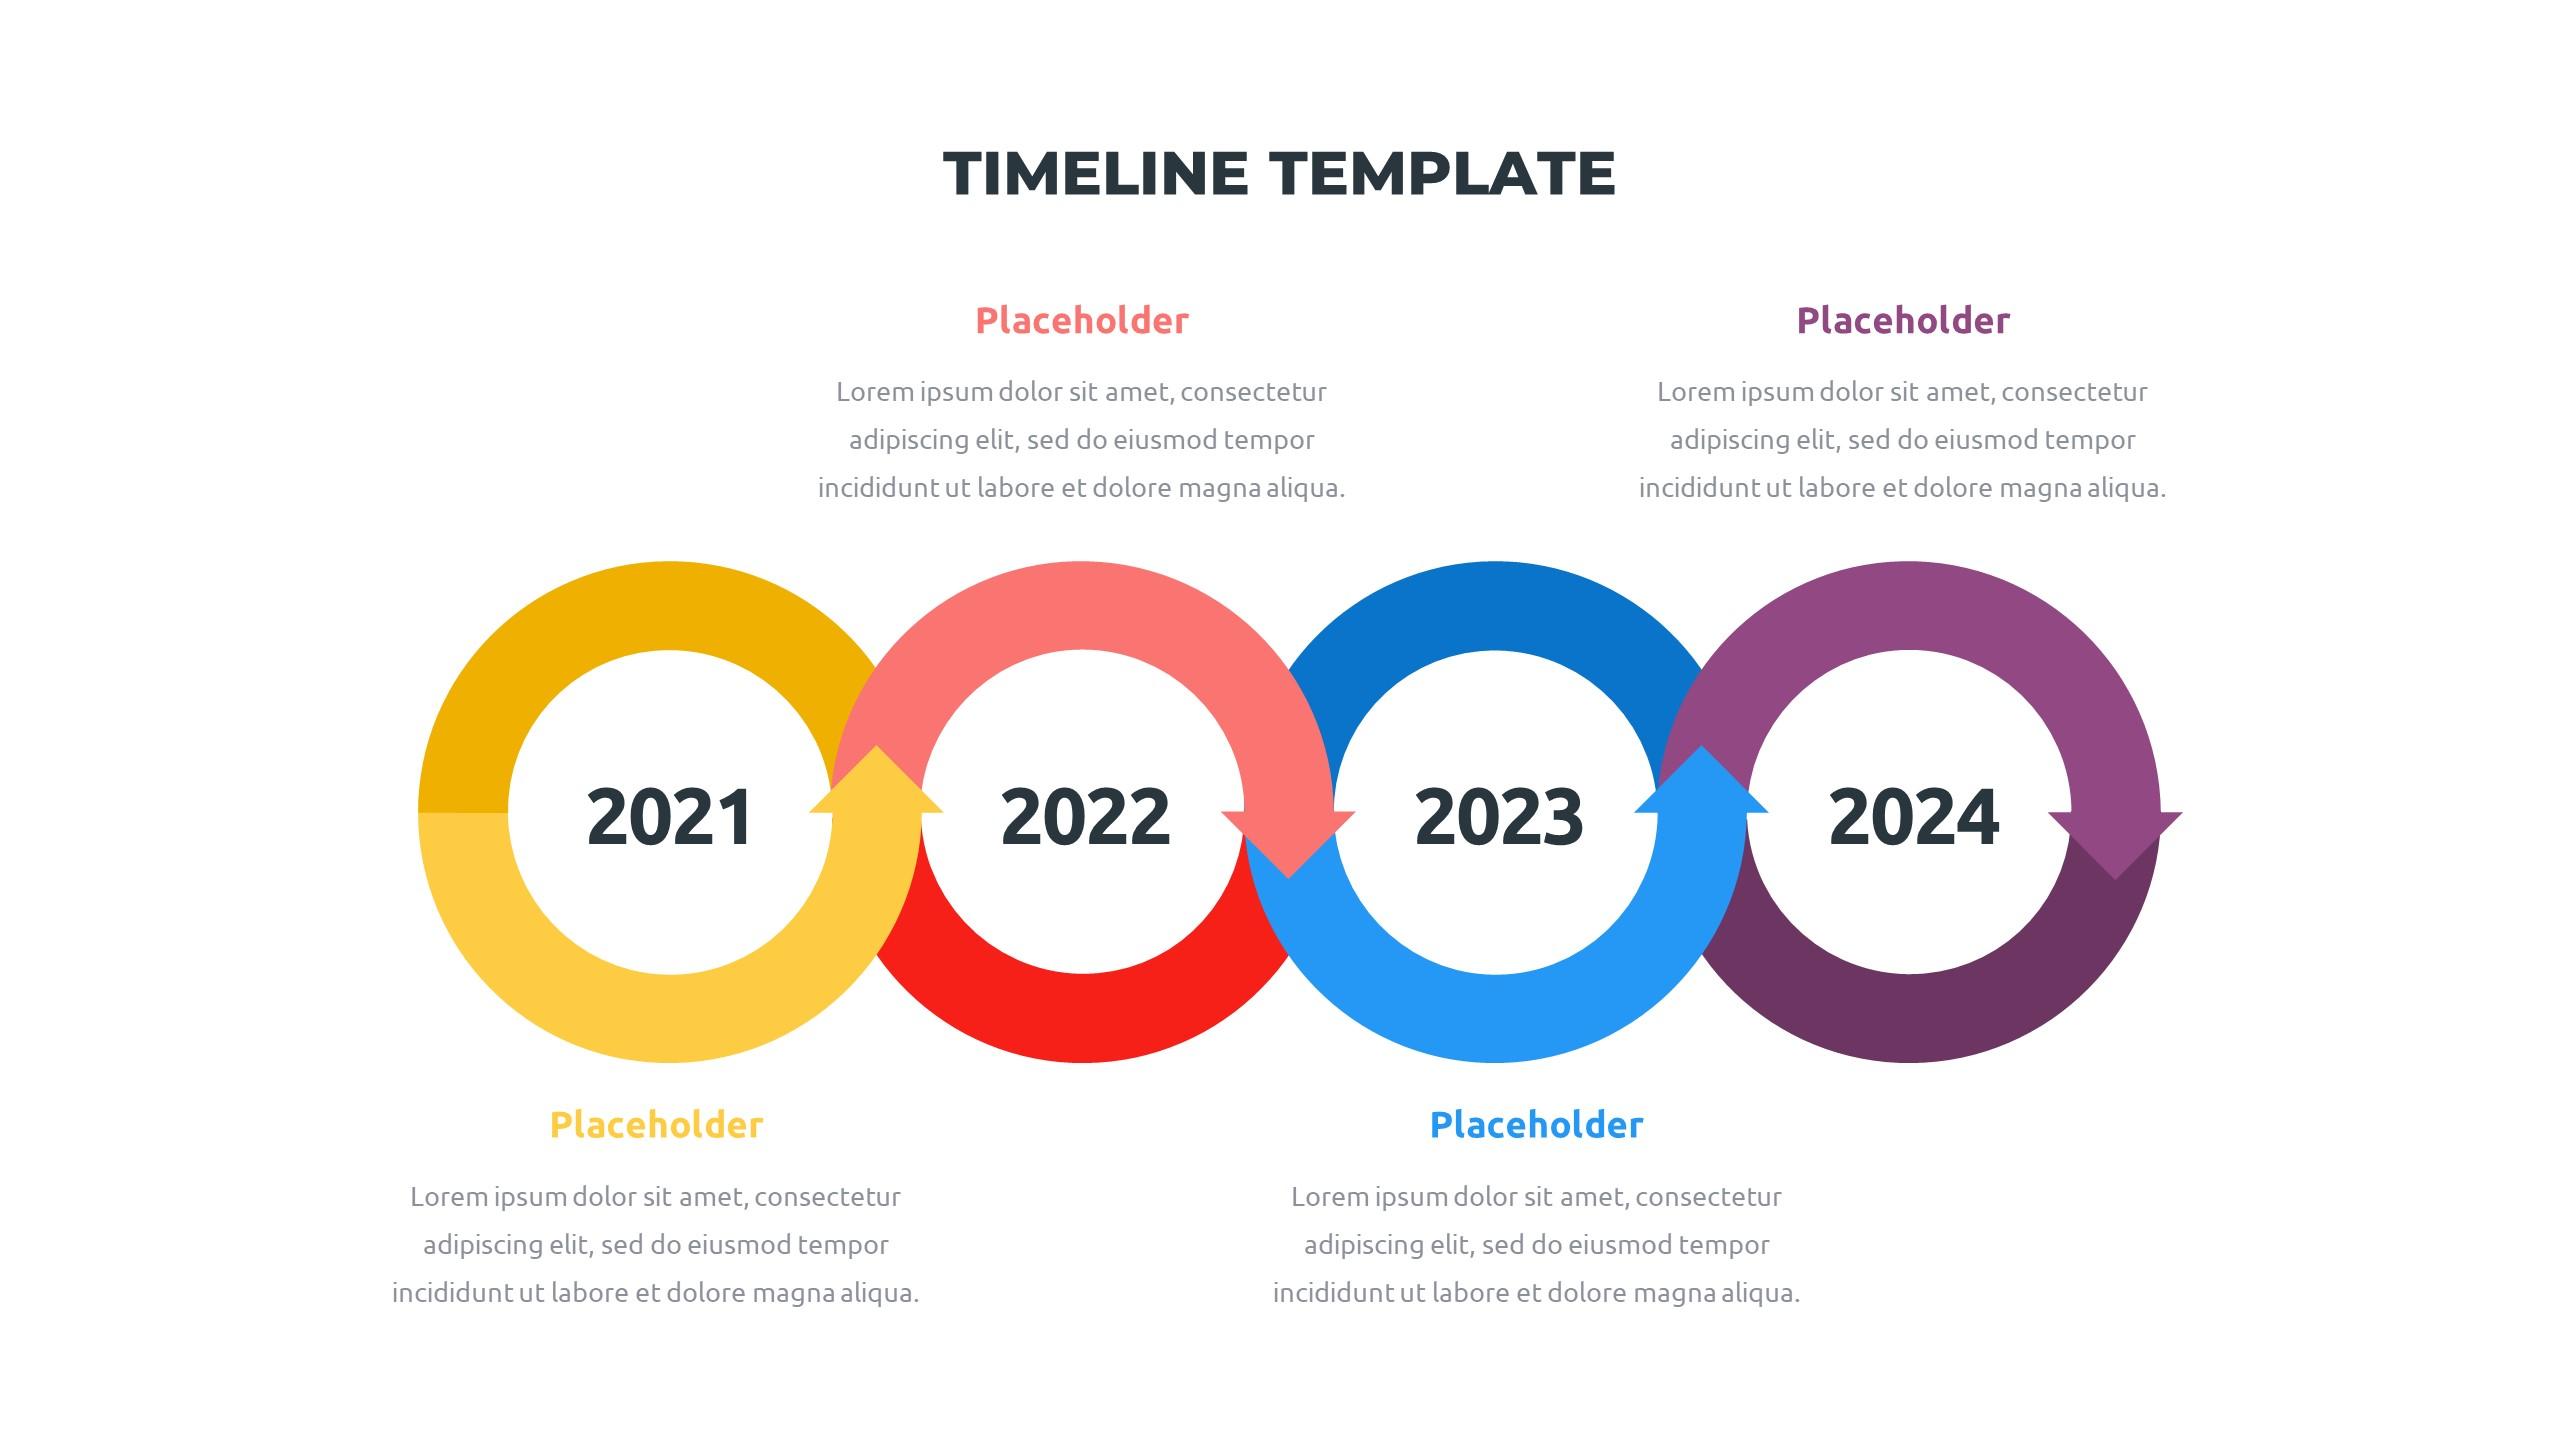 36 Timeline Presentation Templates: Powerpoint, Google Slides, Keynote - Slide21